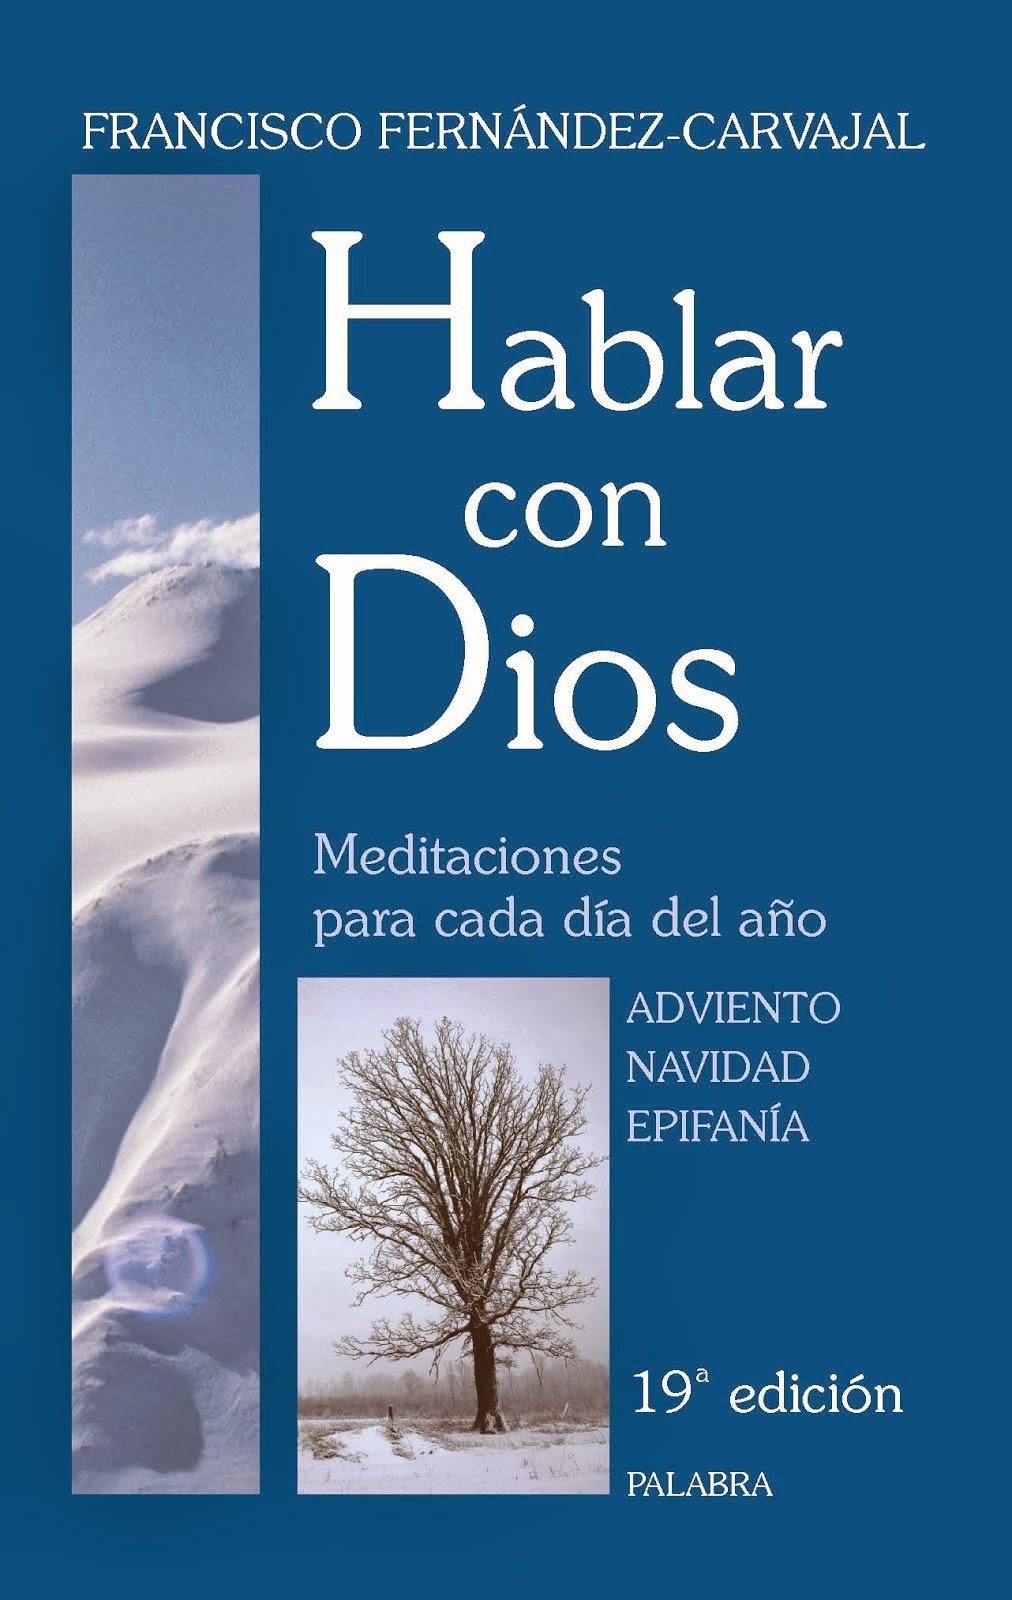 Meditación del Evangelio diario (Hablar con Dios, de Fernández-Carvajal)